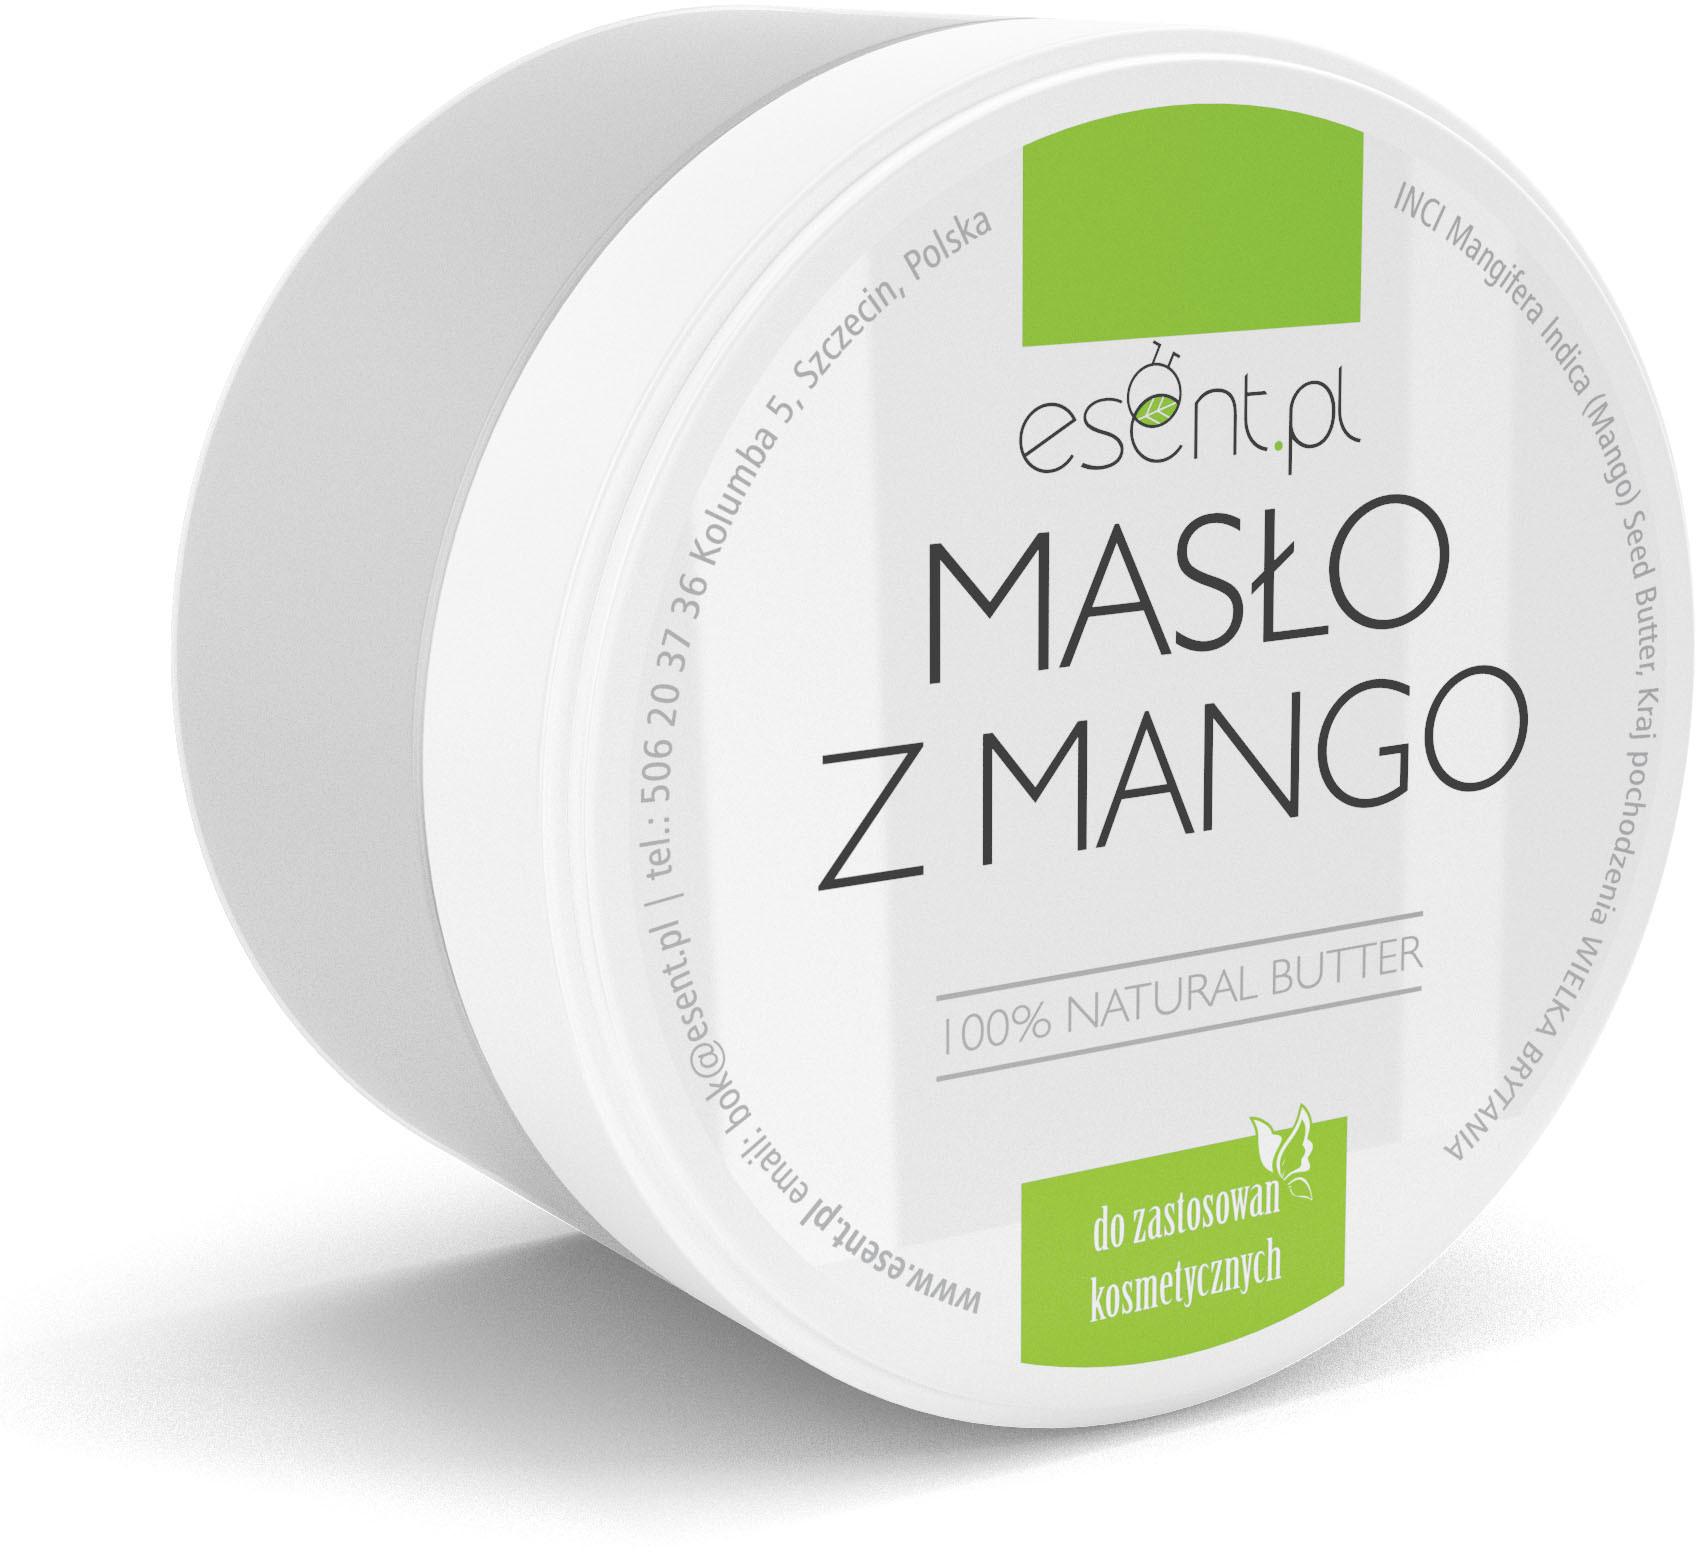 Mango Masło z 200ml Nawilżanie Skóry i Włosów